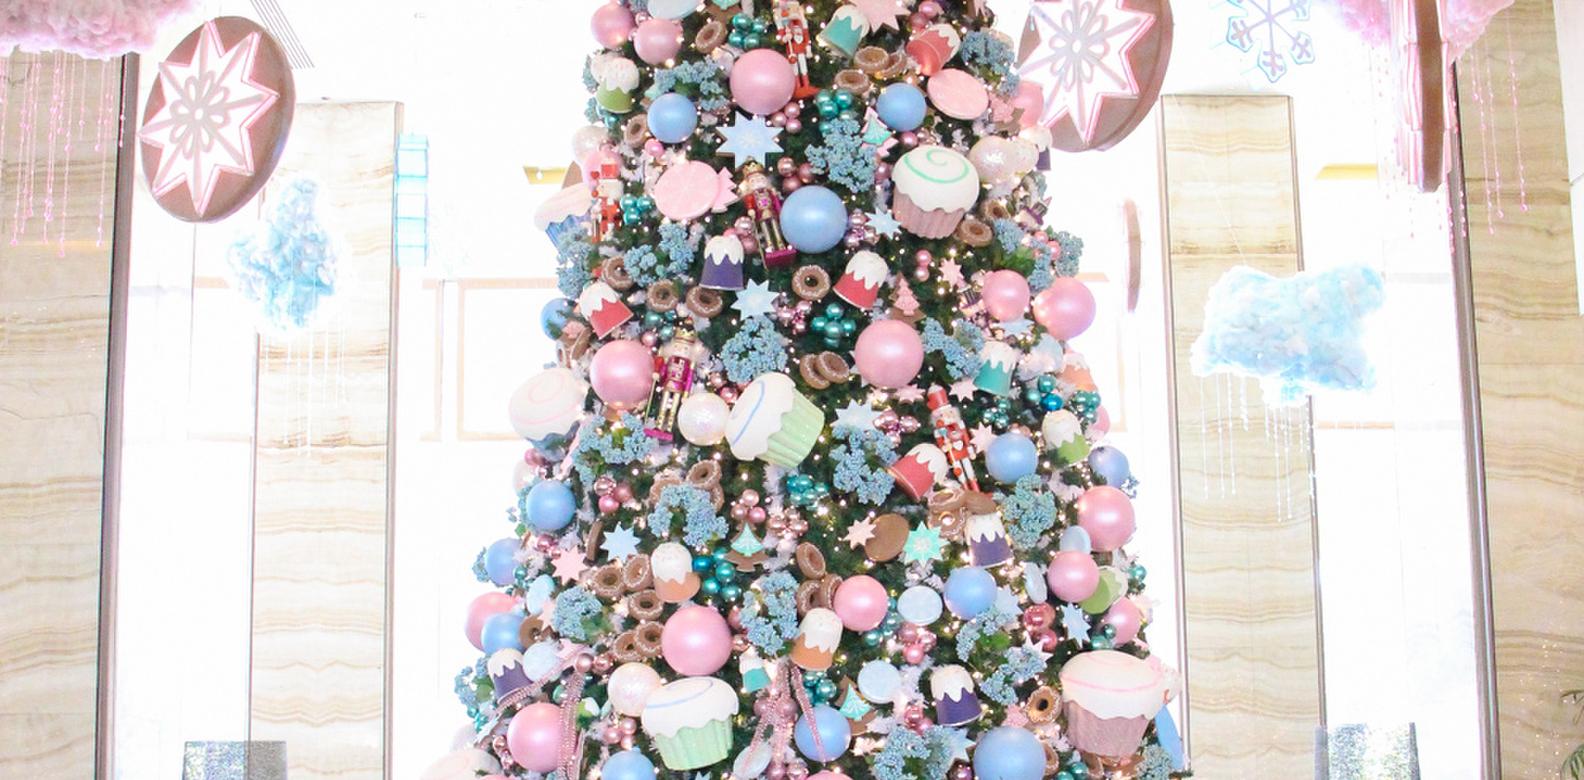 a candyland christmas at edsa shangri la - Candyland Christmas Tree